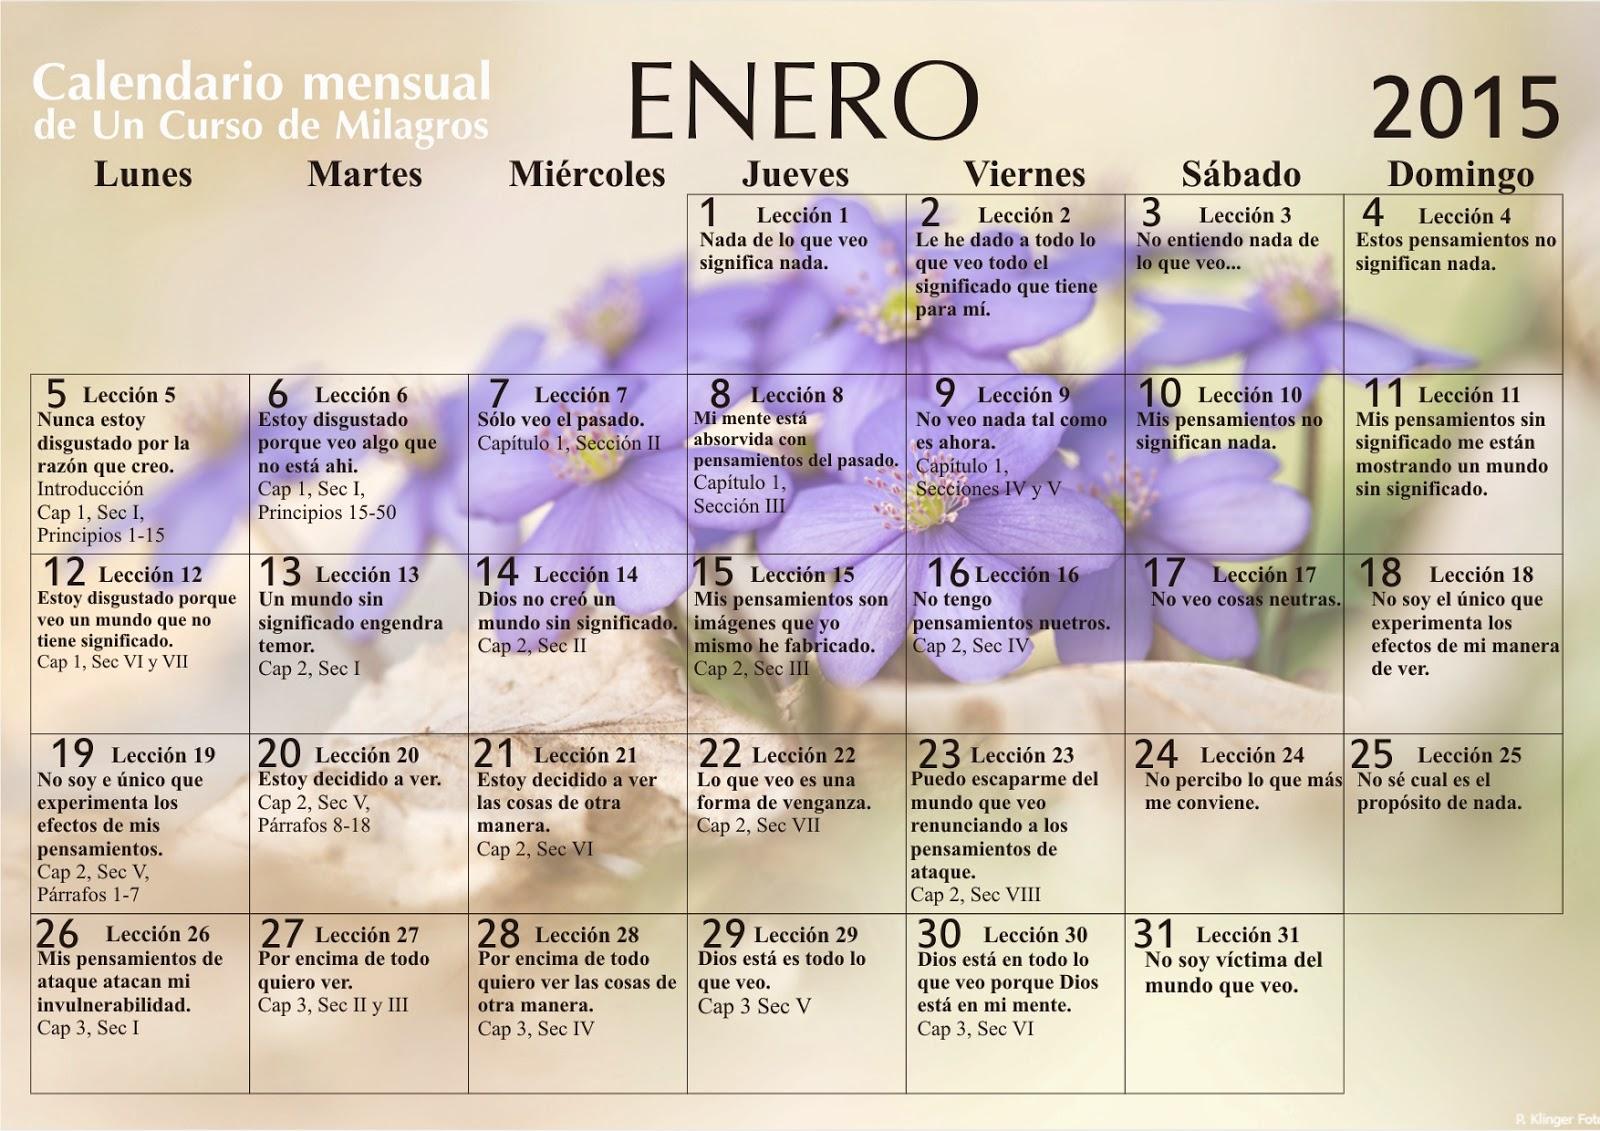 Calendario Un Curso de Milagros Enero 2015